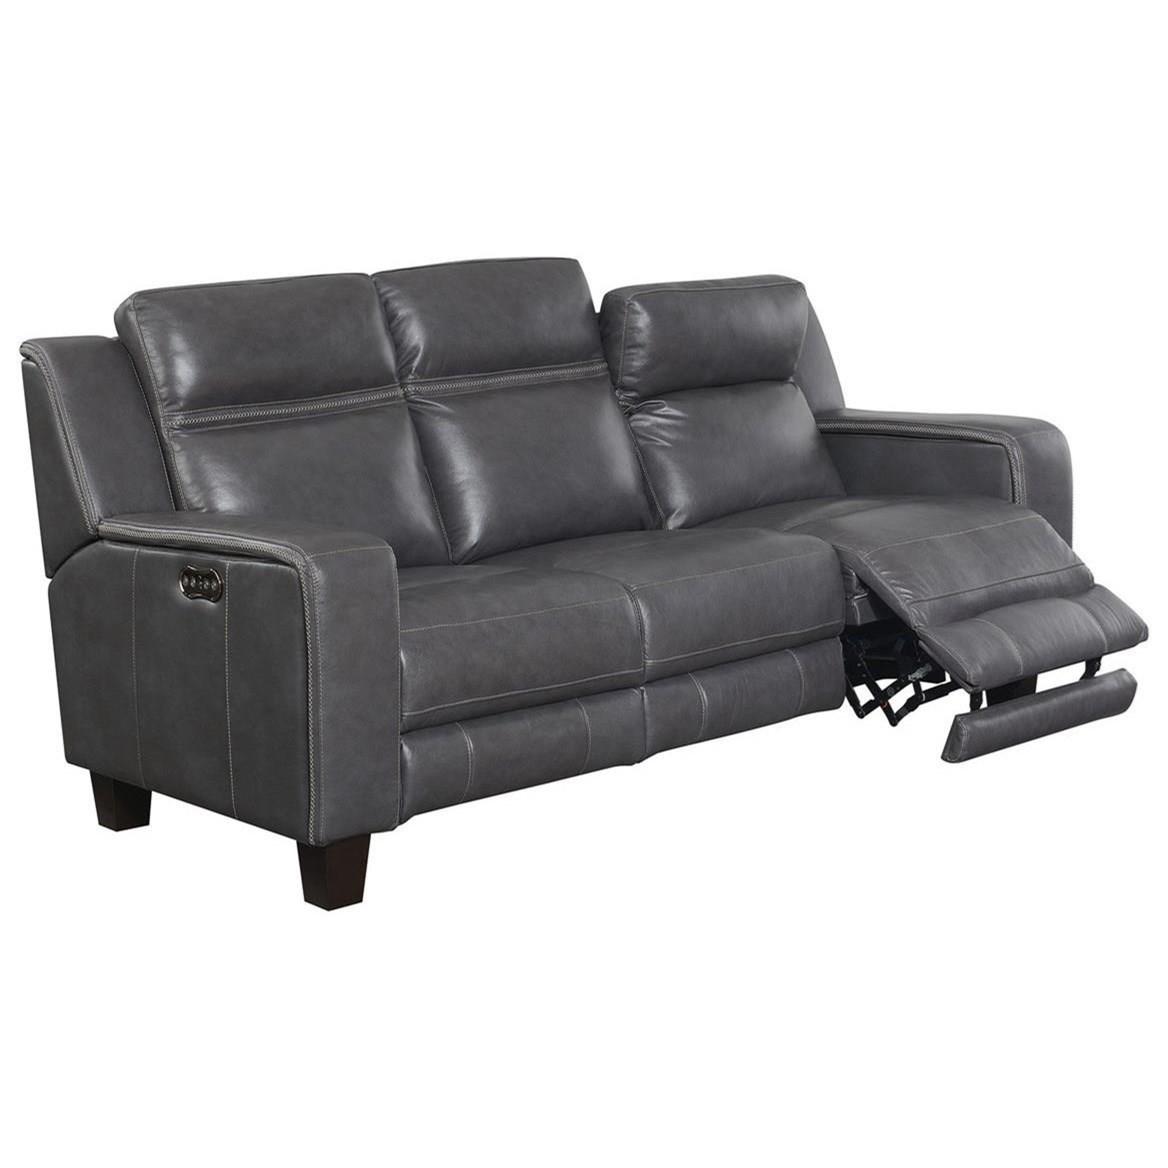 Power Sofa W/2 Power Headrests